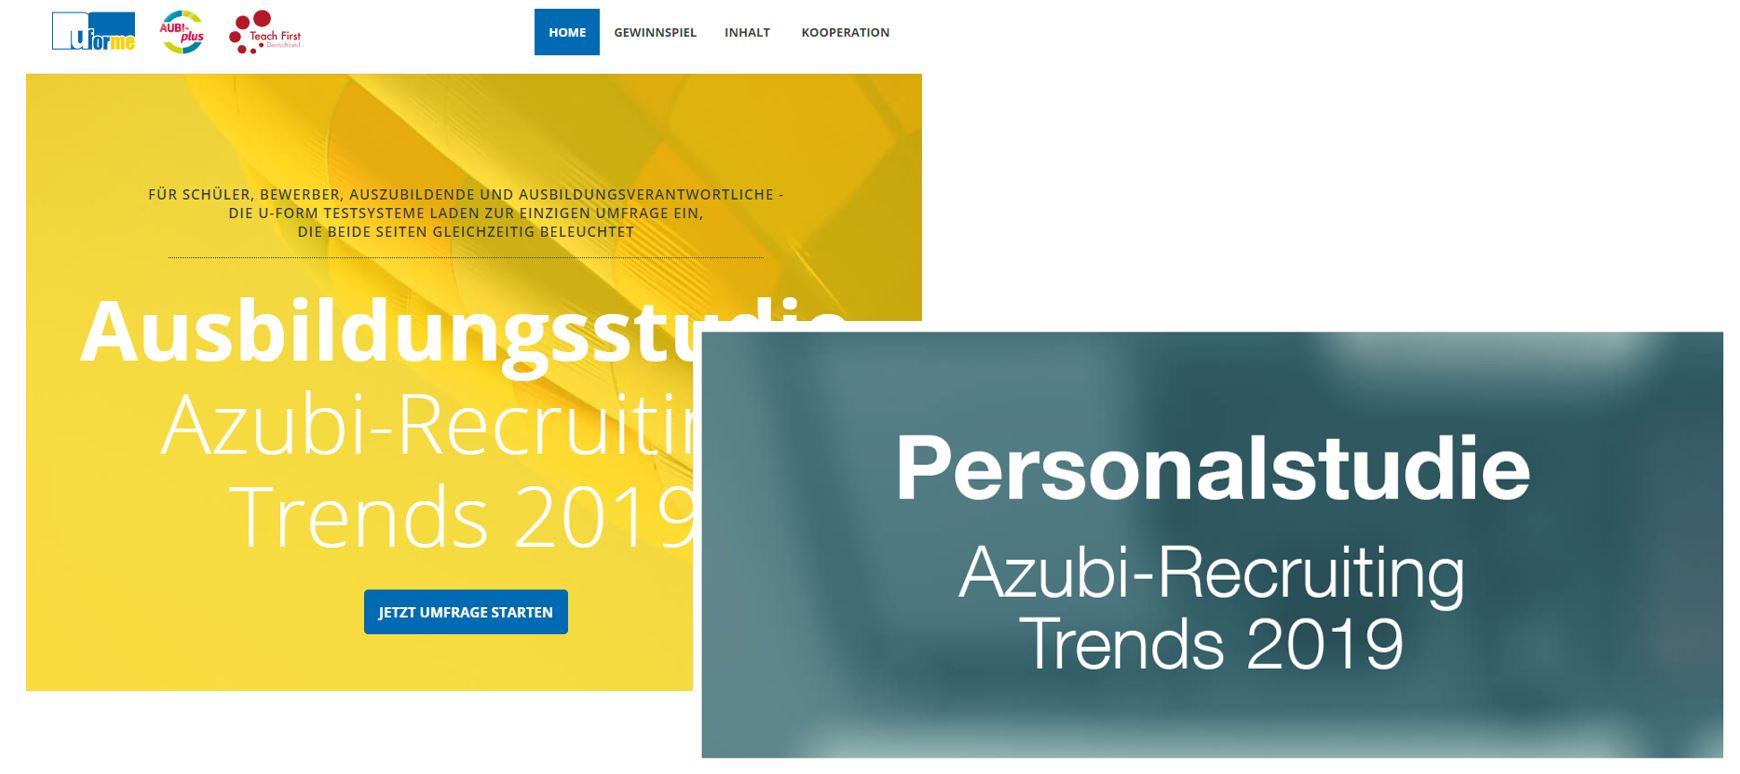 https://blog.recrutainment.de/wp-content/uploads/2019/02/Azubi-RecruitingTrends.jpg